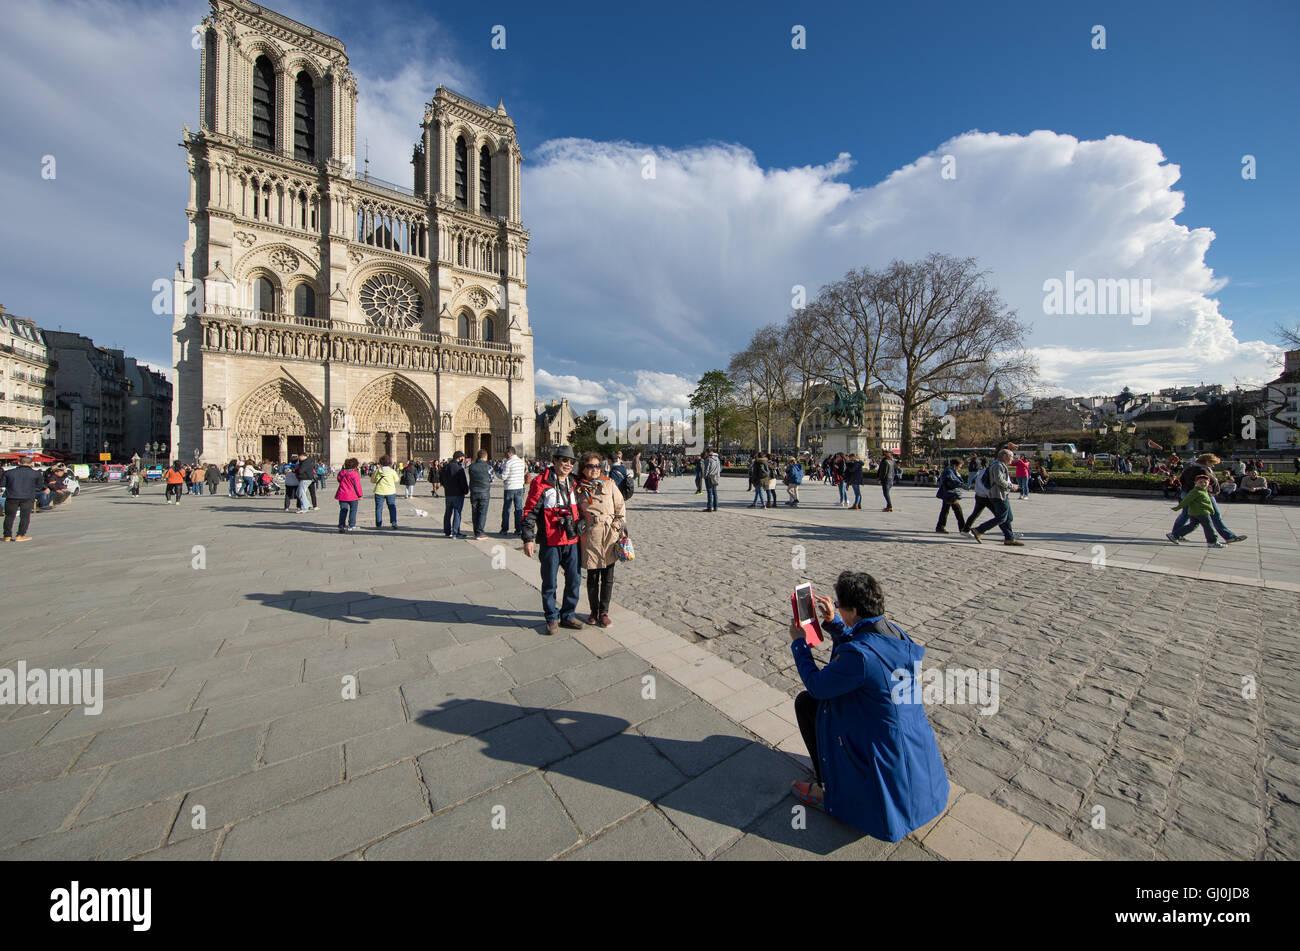 tourists taking photos in front of Cathedrale Notre Dame, Île de la Cité, Paris, France - Stock Image